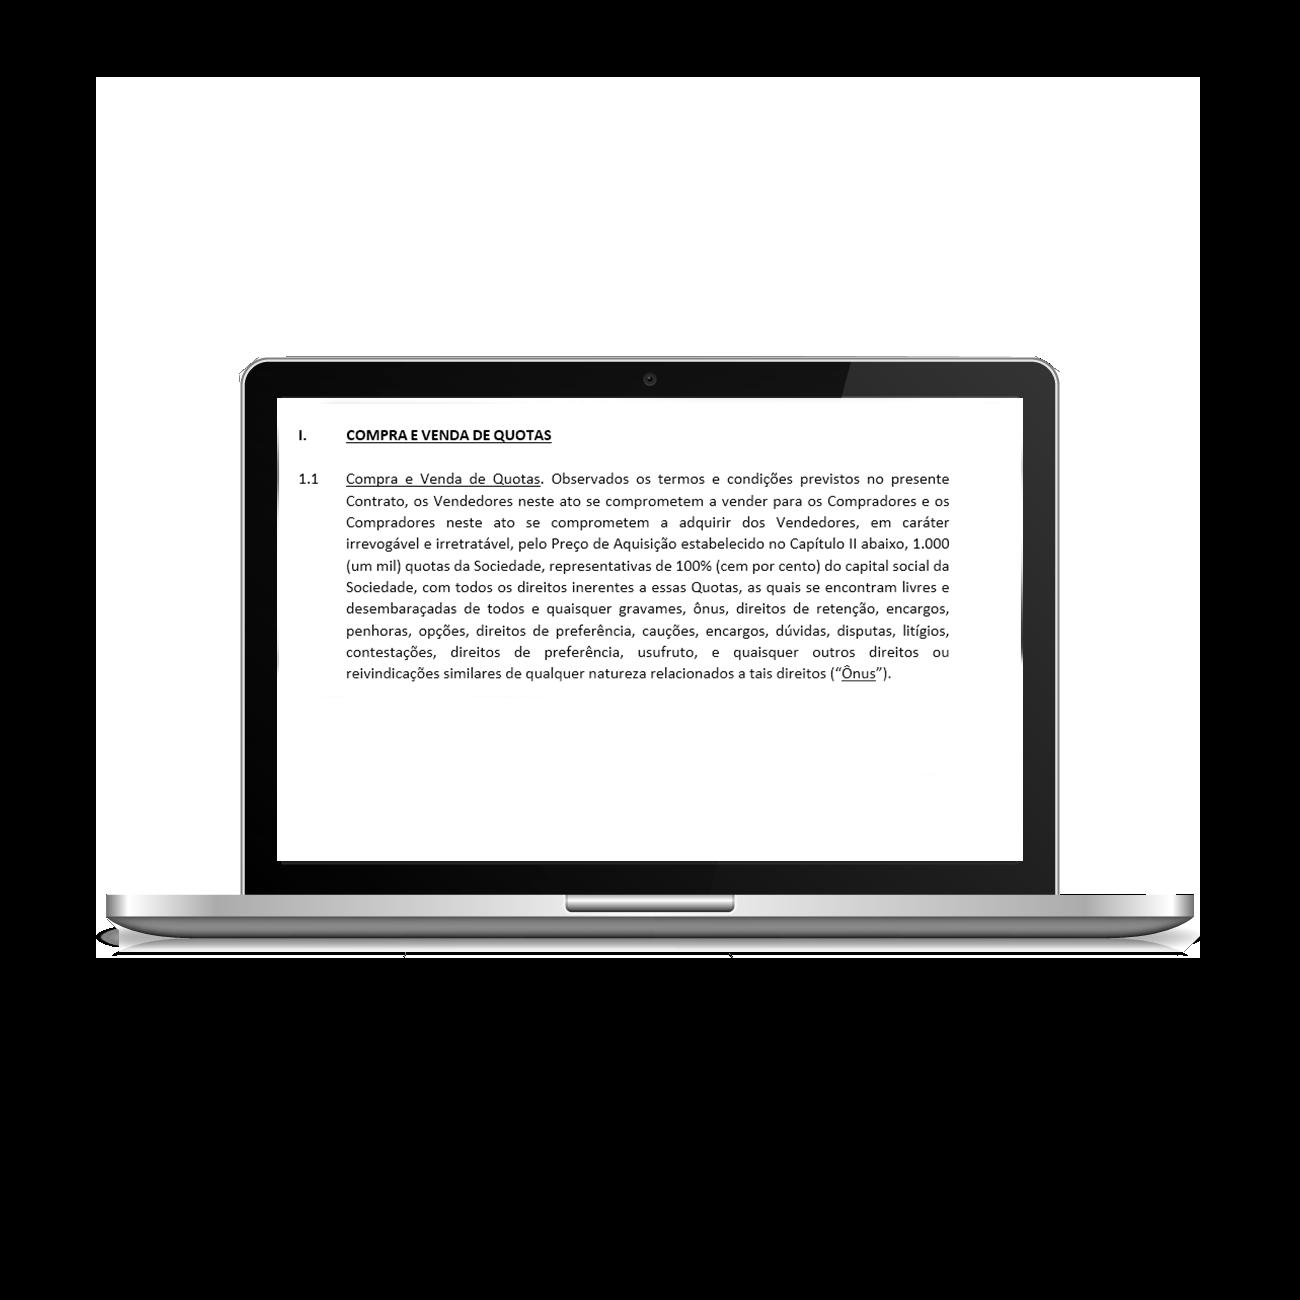 modelo do instrumento particular de compra e venda de quotas de capital